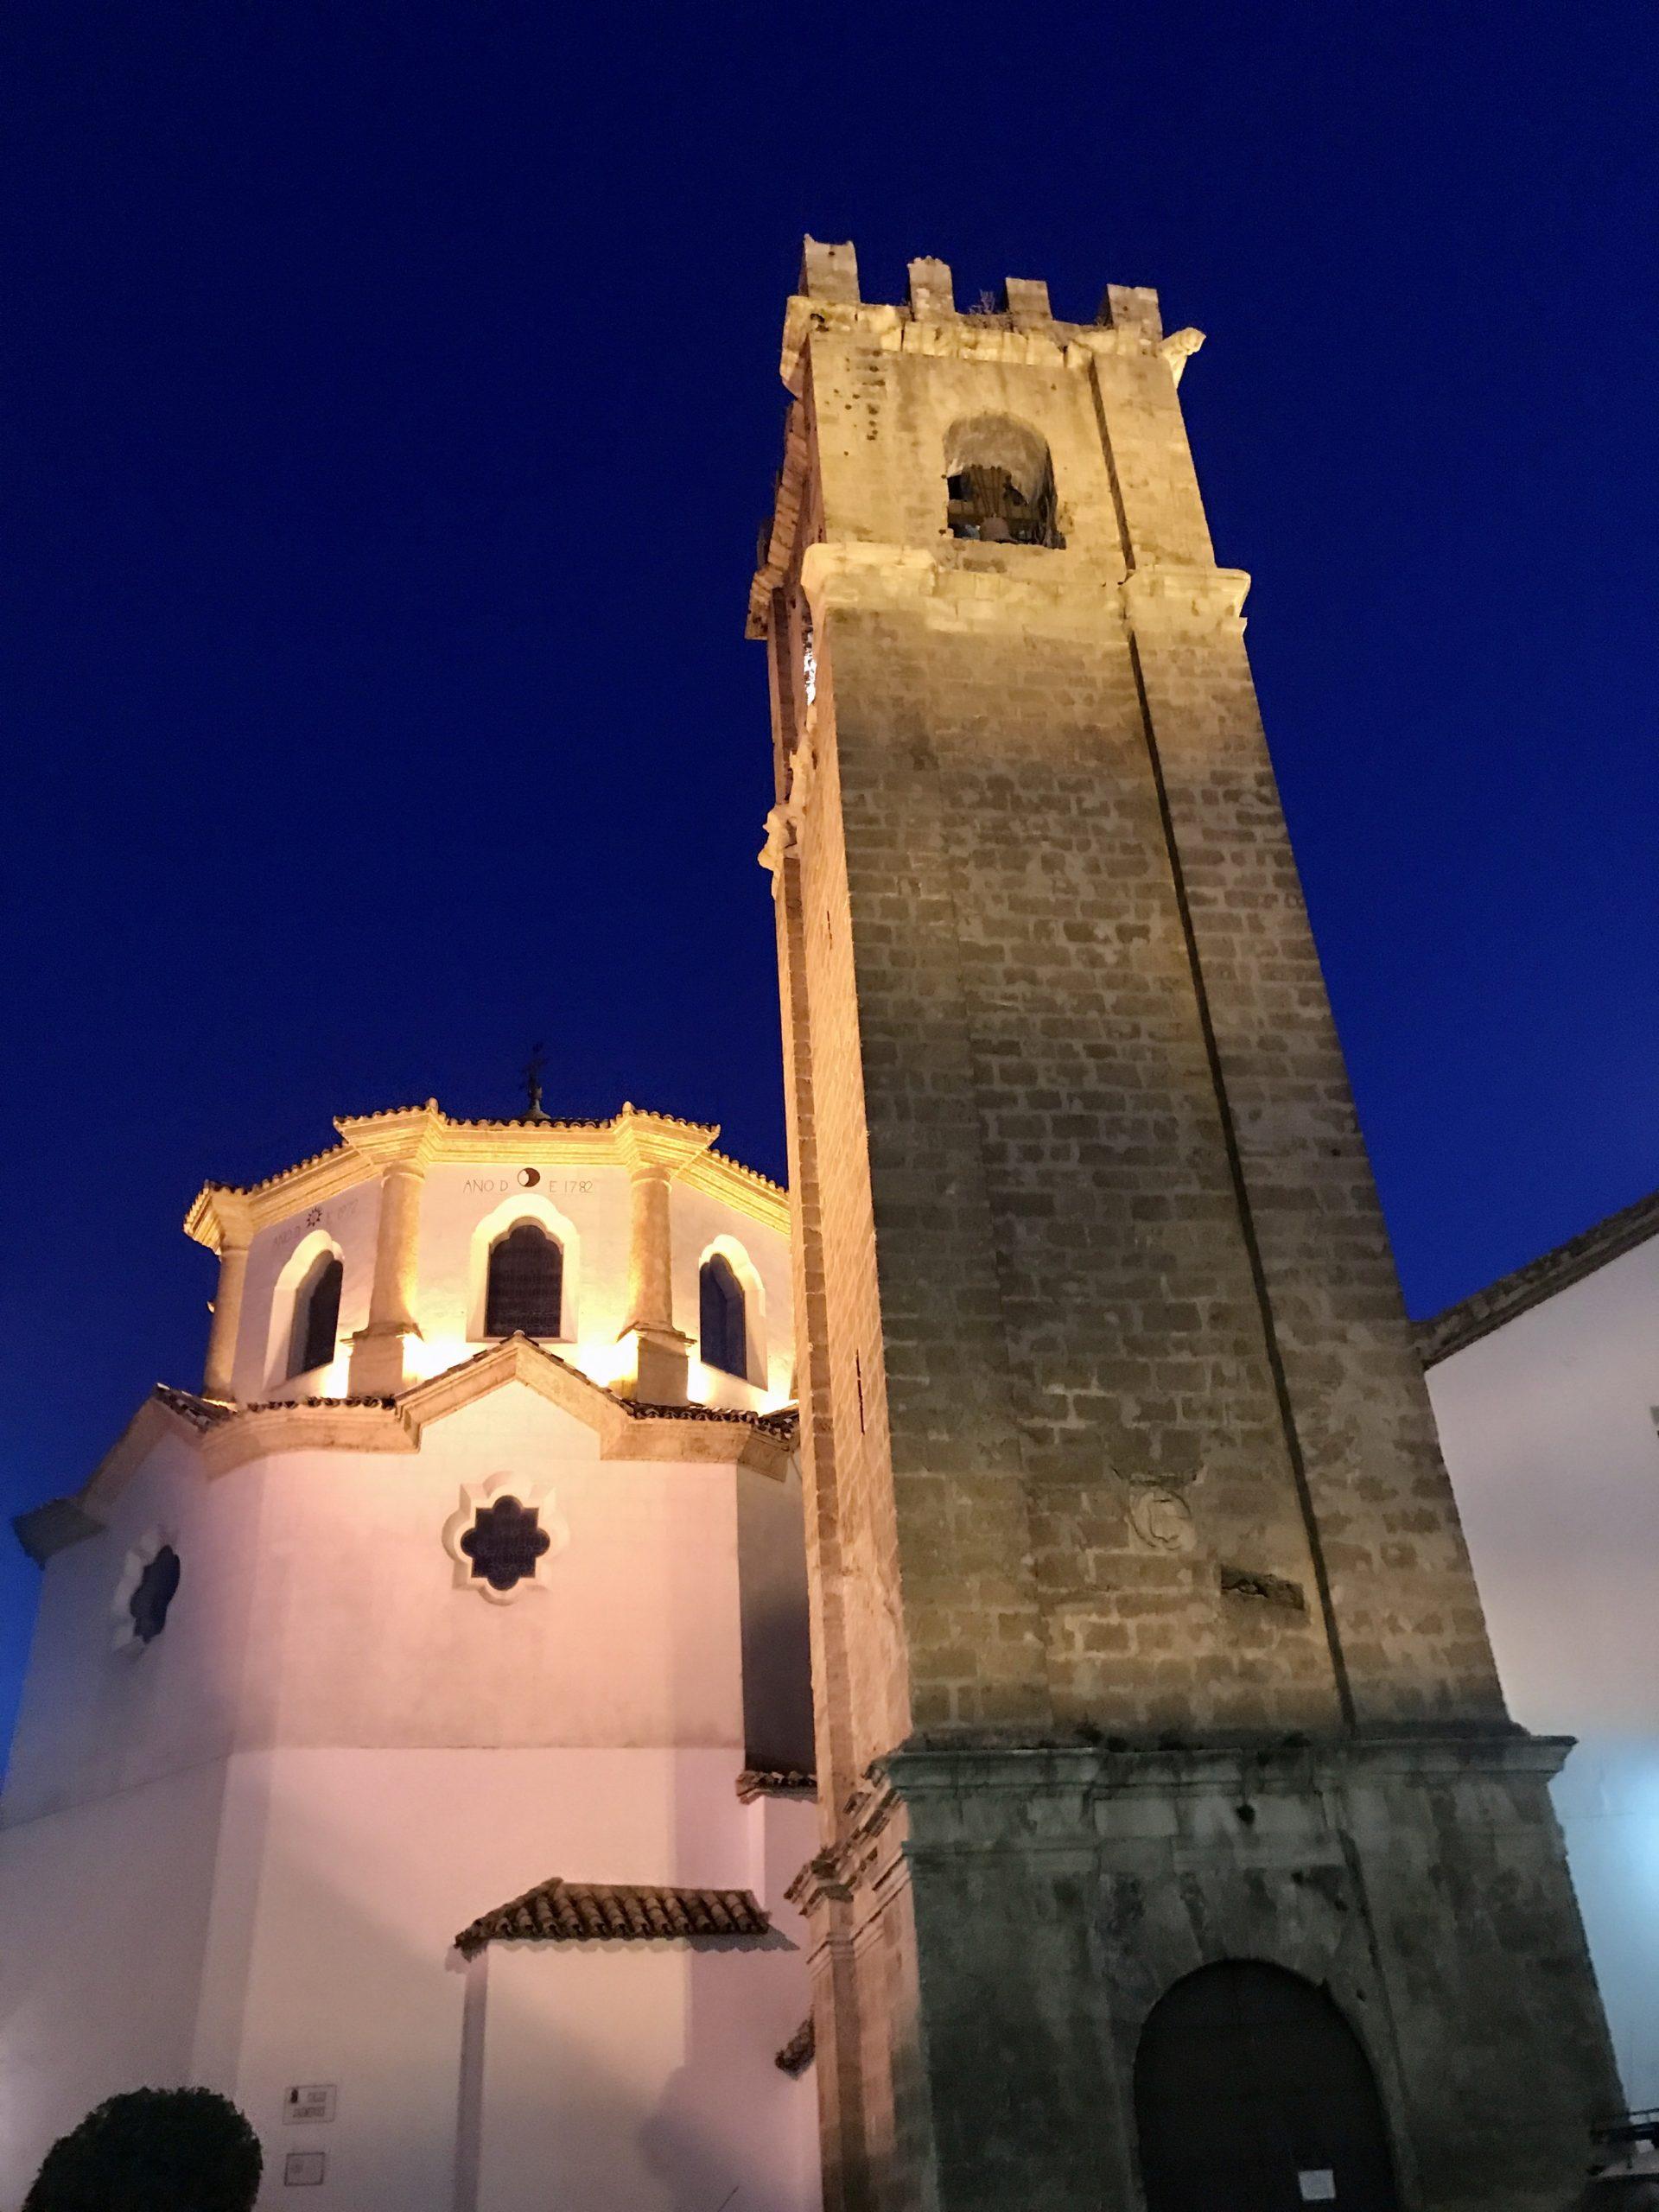 The church of Ntra. Sra. de la Asunción at night